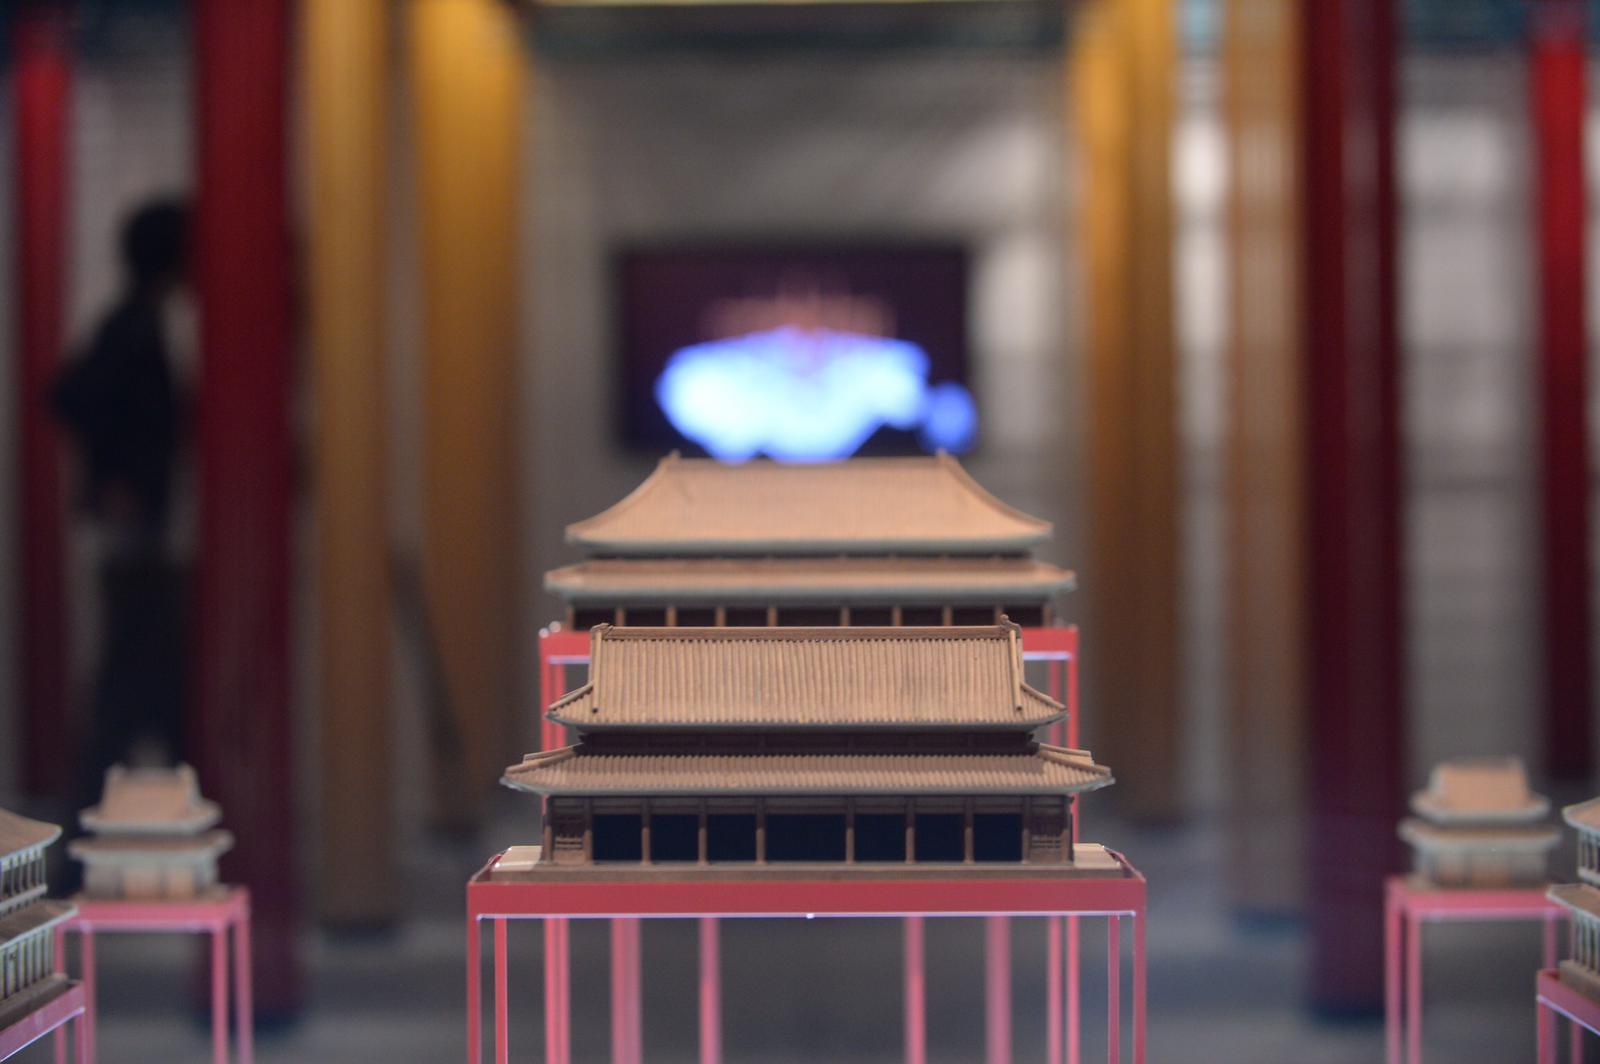 展覽介紹紫禁城的由來、規劃和建築特色。